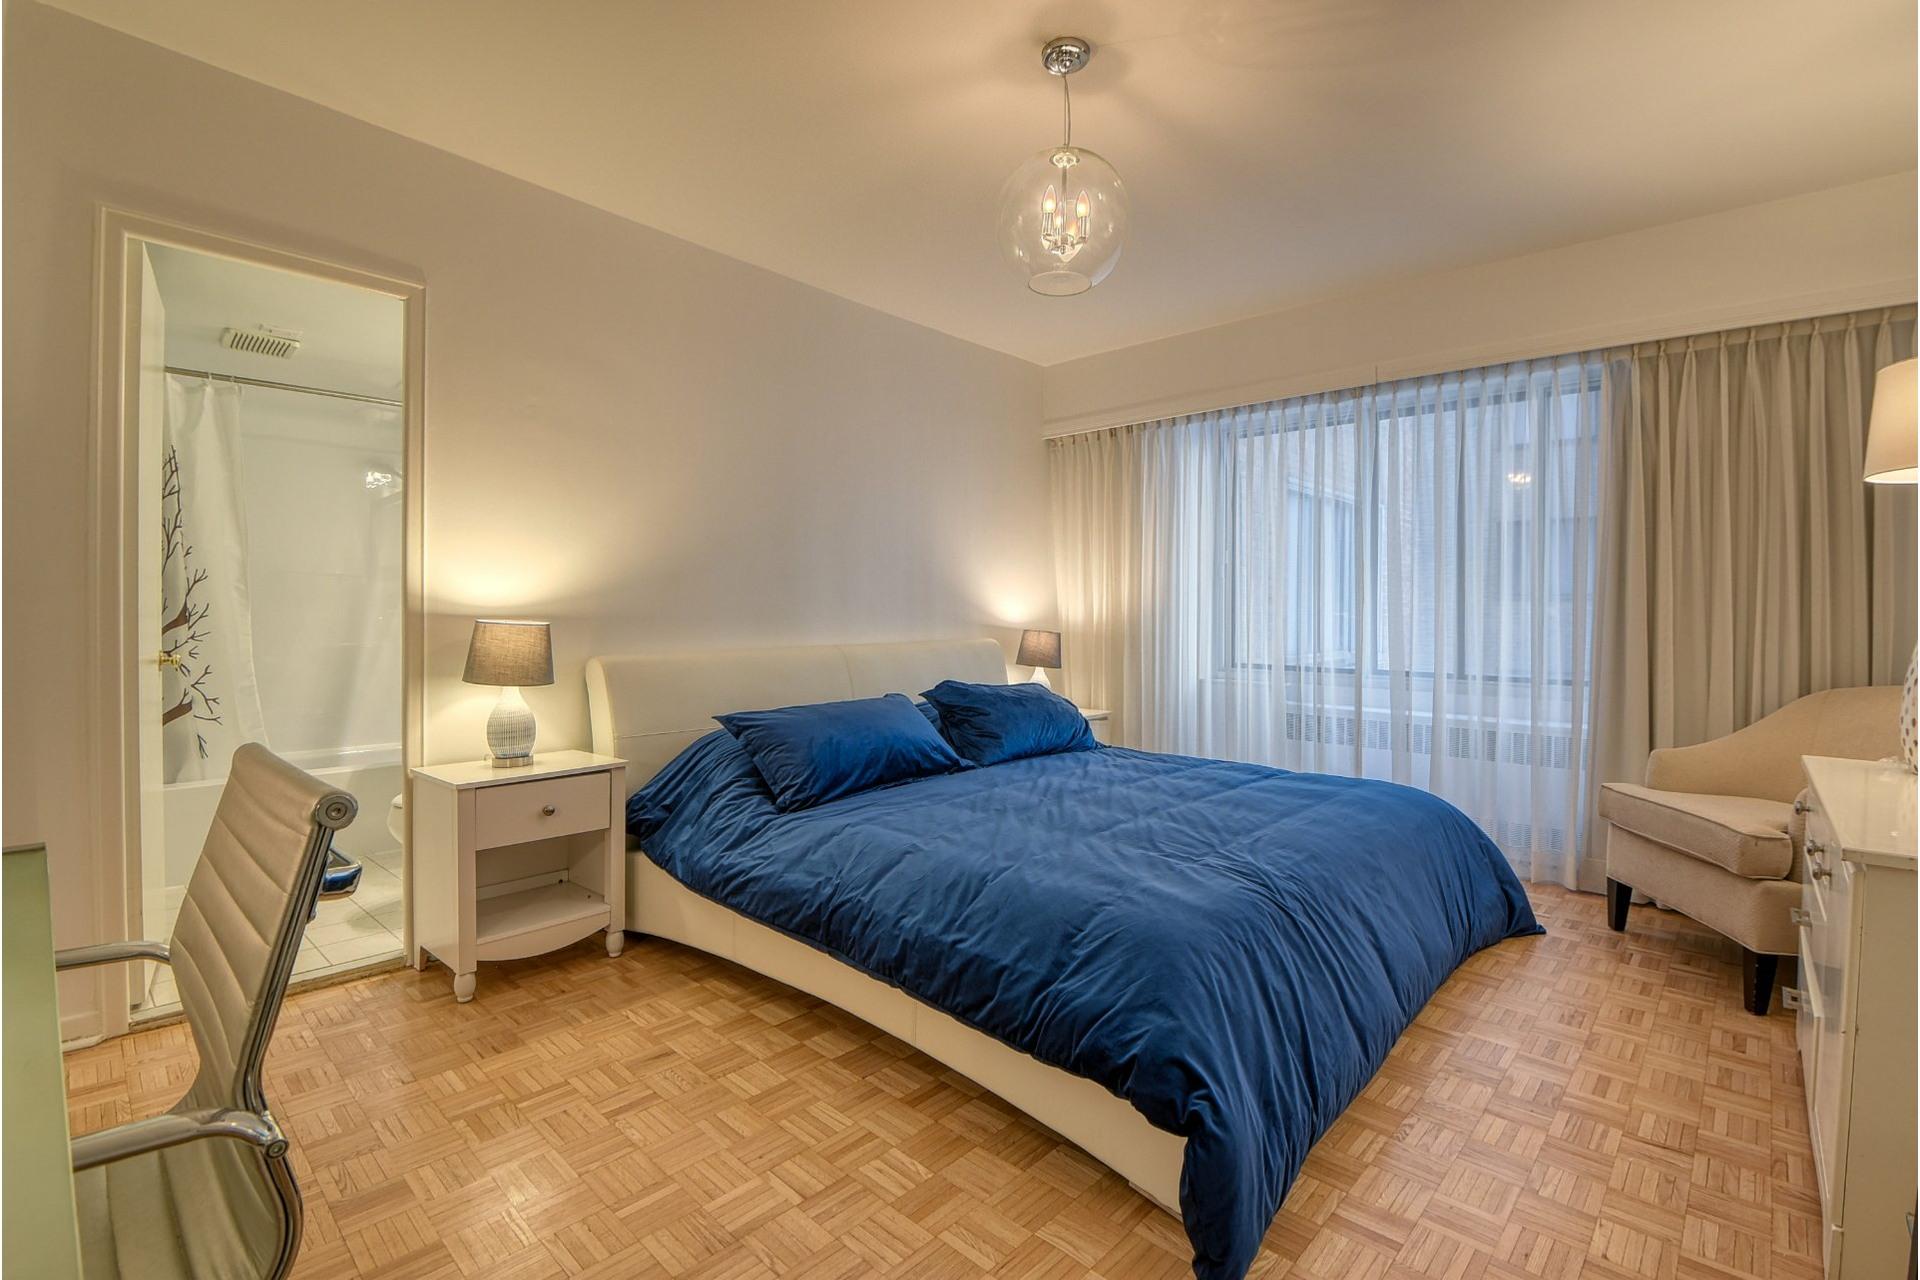 image 6 - Apartment For rent Ville-Marie Montréal  - 6 rooms